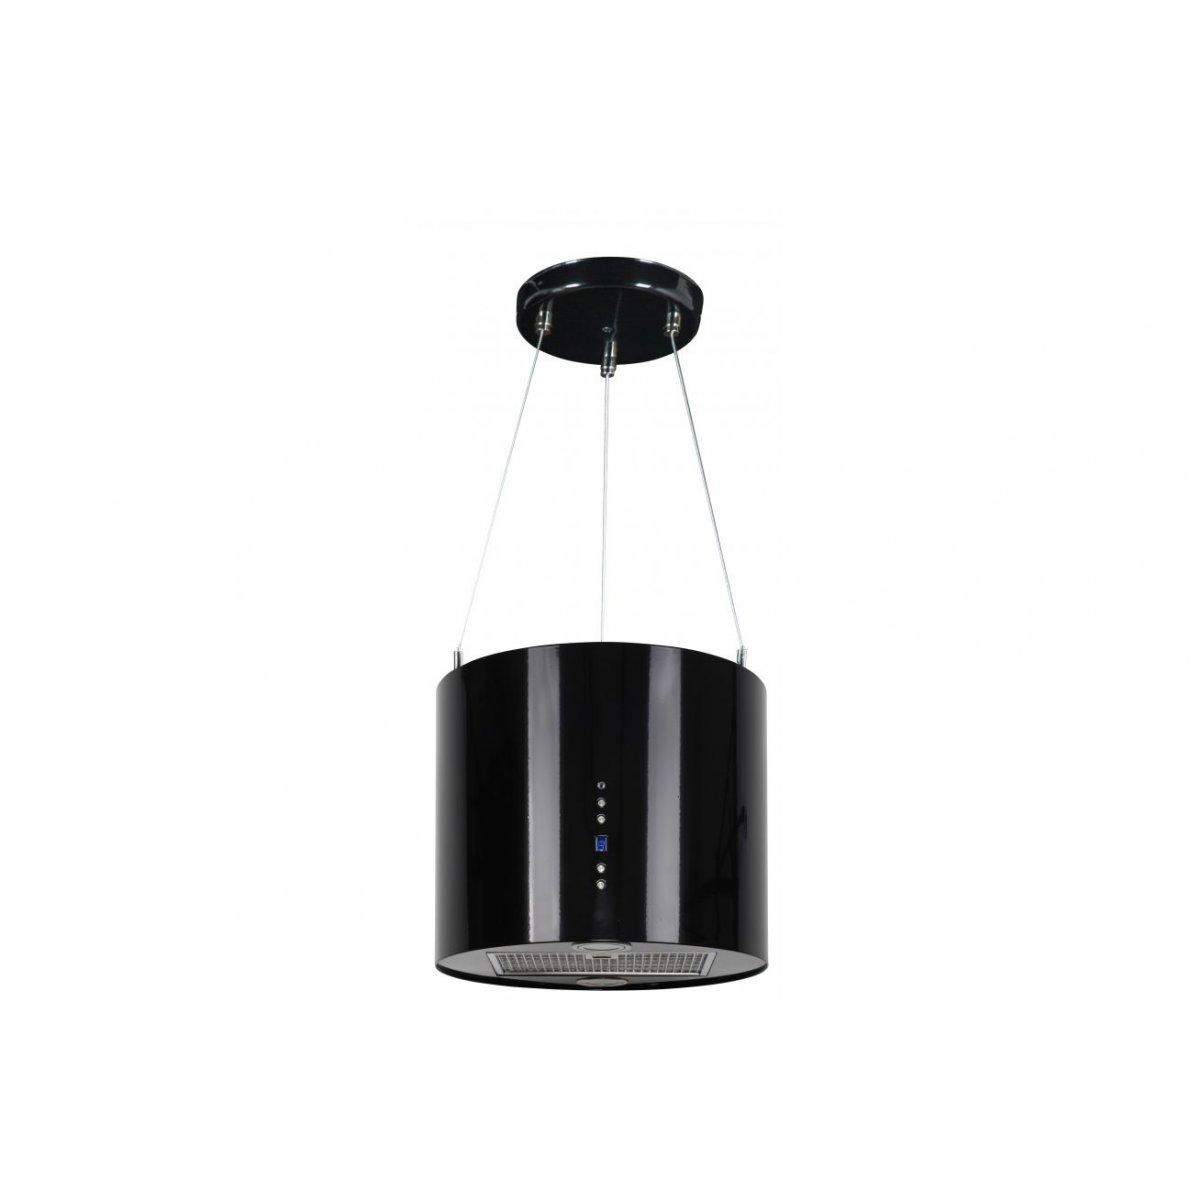 Design frihängande köksfläkt Explorer XS svart